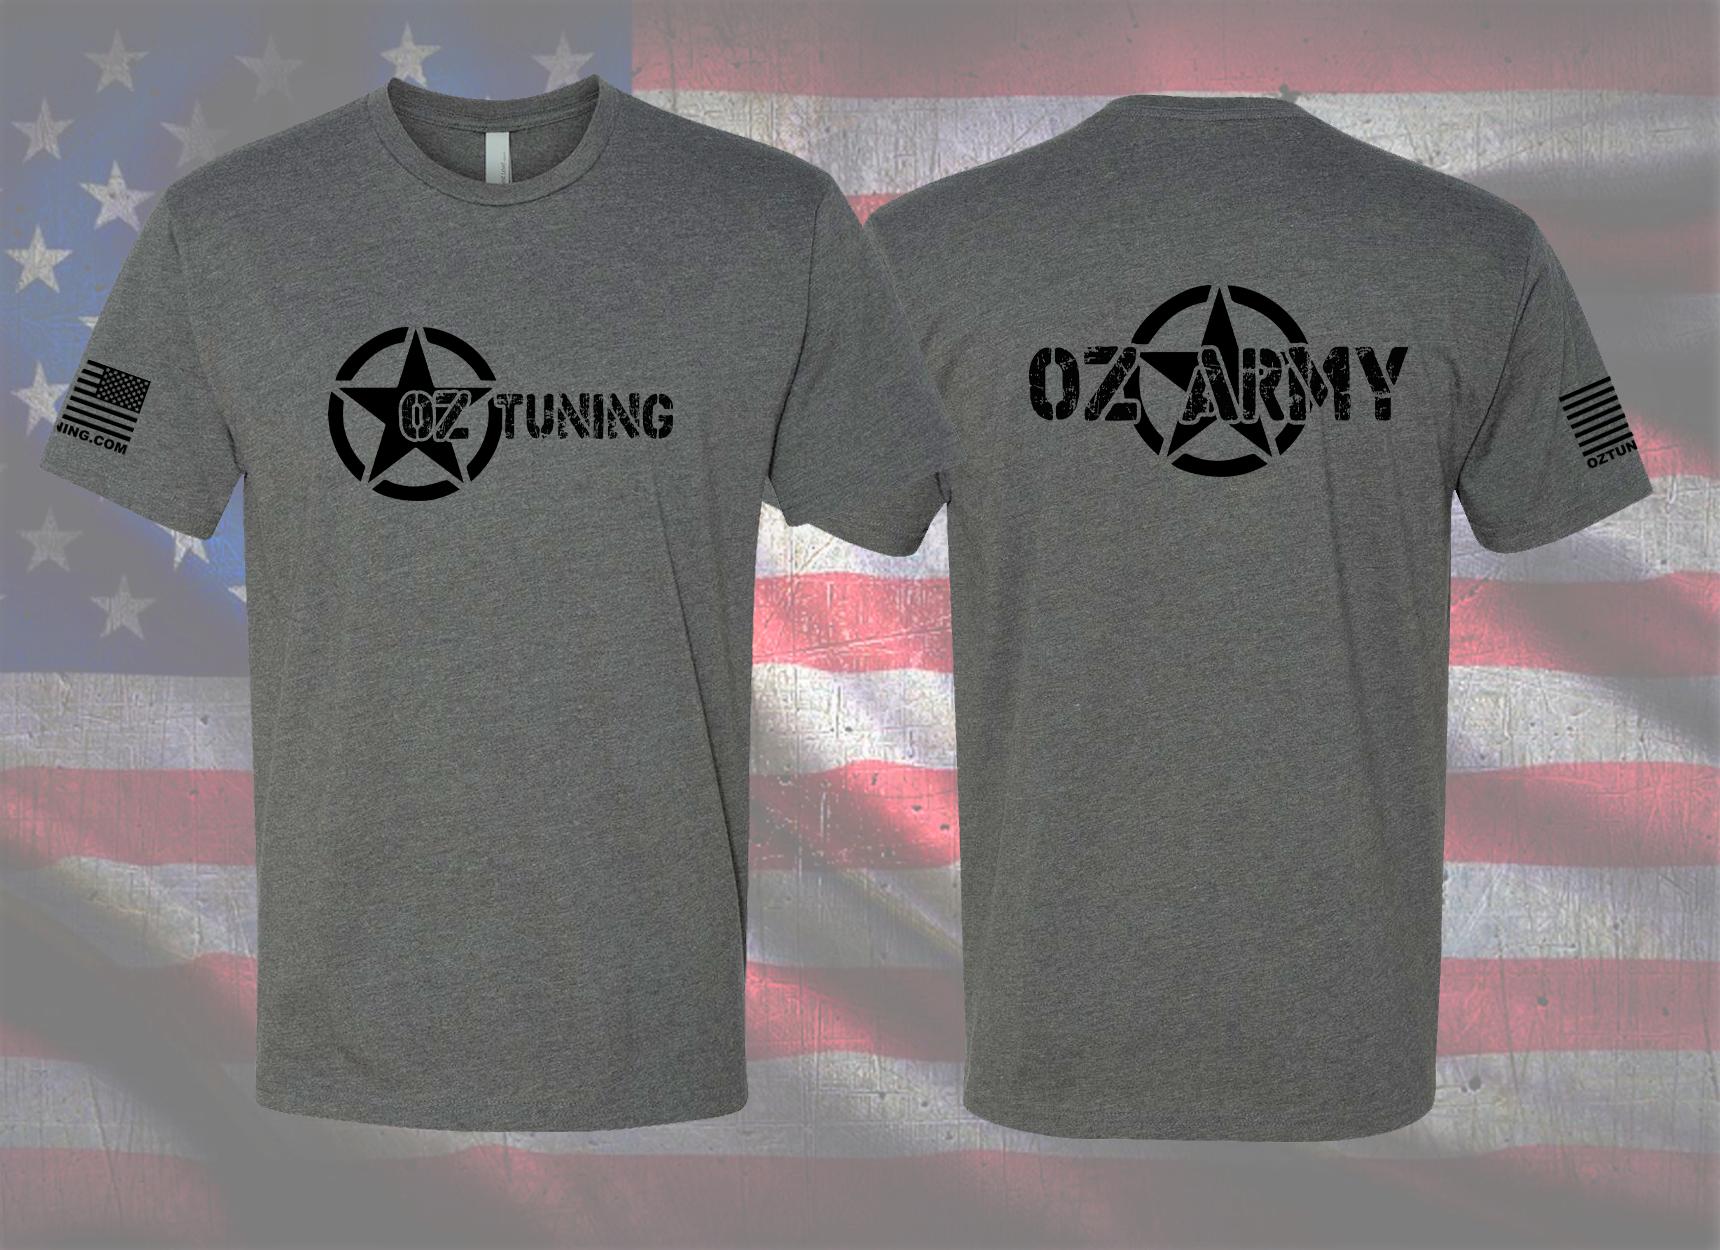 Gray Oz Army t-shirt Dec 2020 (4)